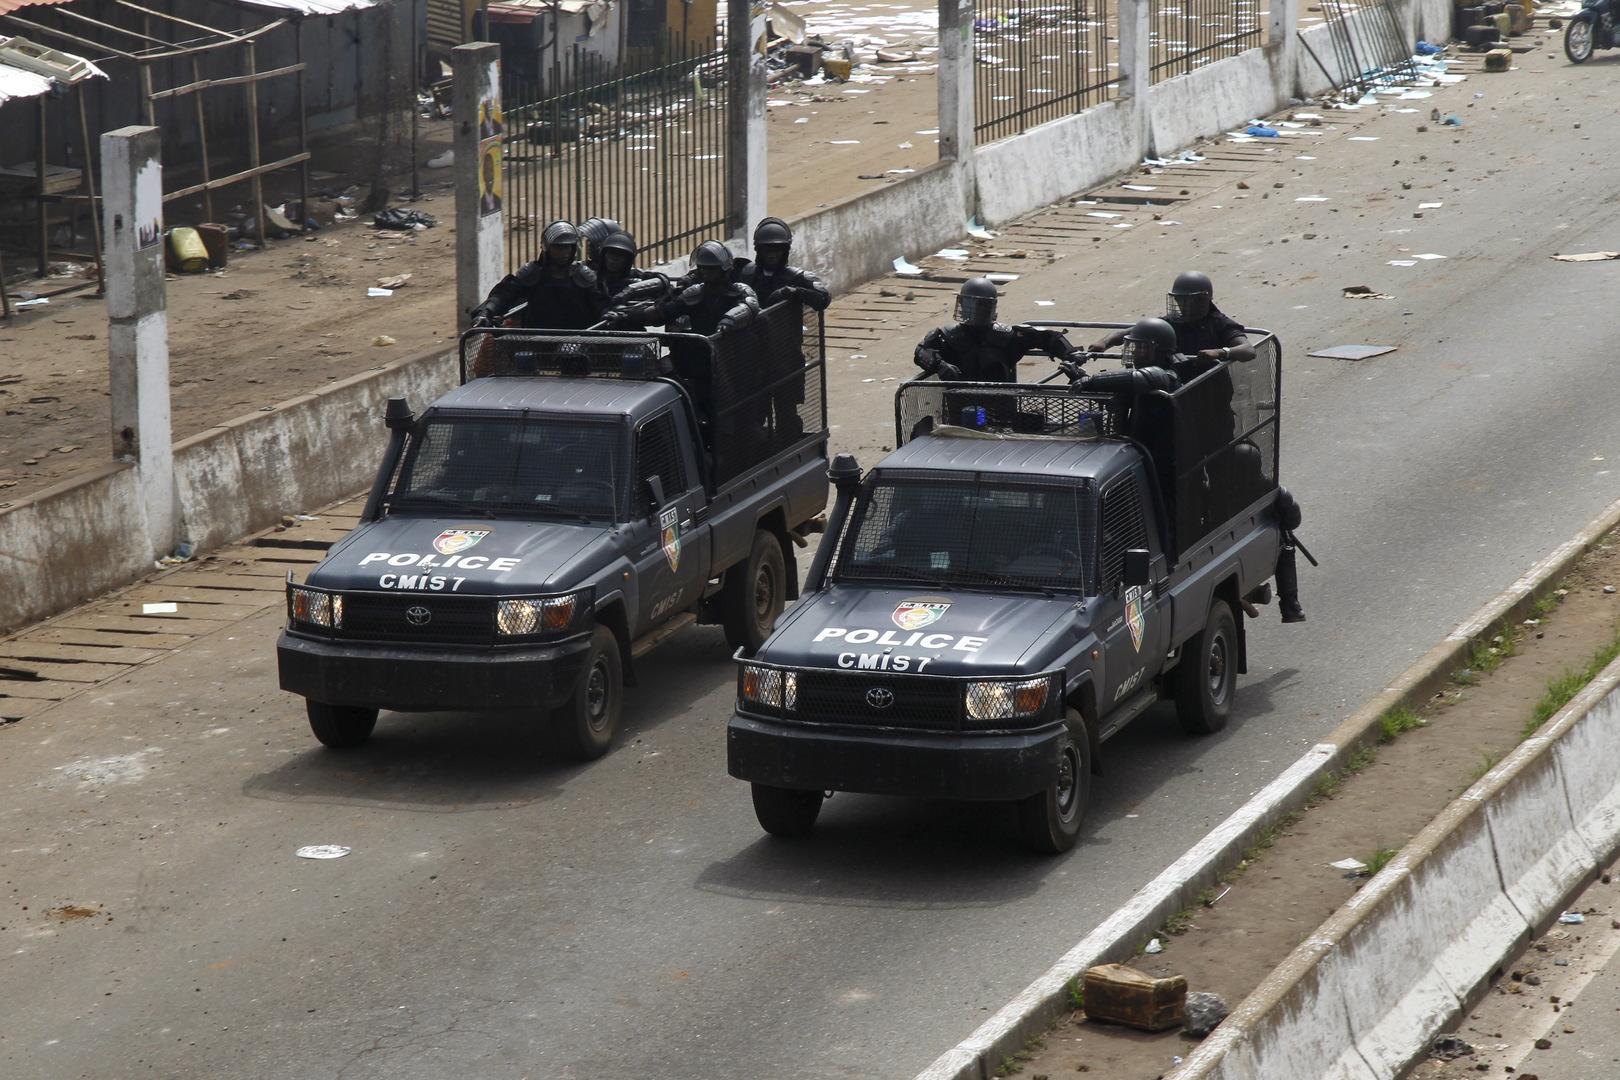 زعيم العسكريين الانقلابيين في غينيا يعلن اعتقال الرئيس كوندي ووقف العمل بالدستور